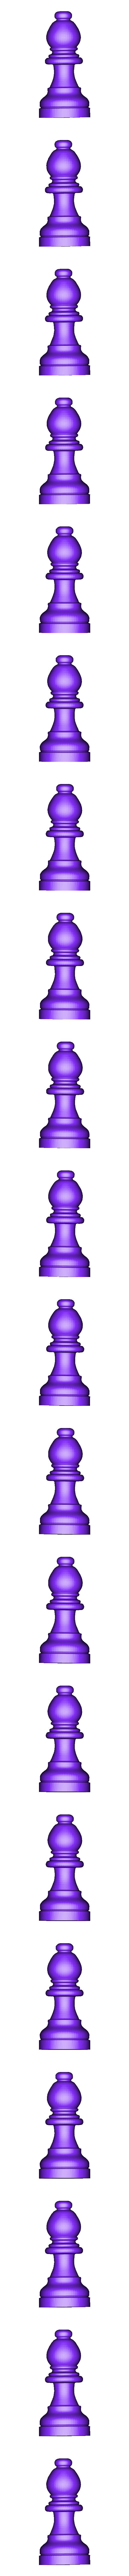 alfil.STL Télécharger fichier STL gratuit échecs complets • Plan pour imprimante 3D, montenegromateo111